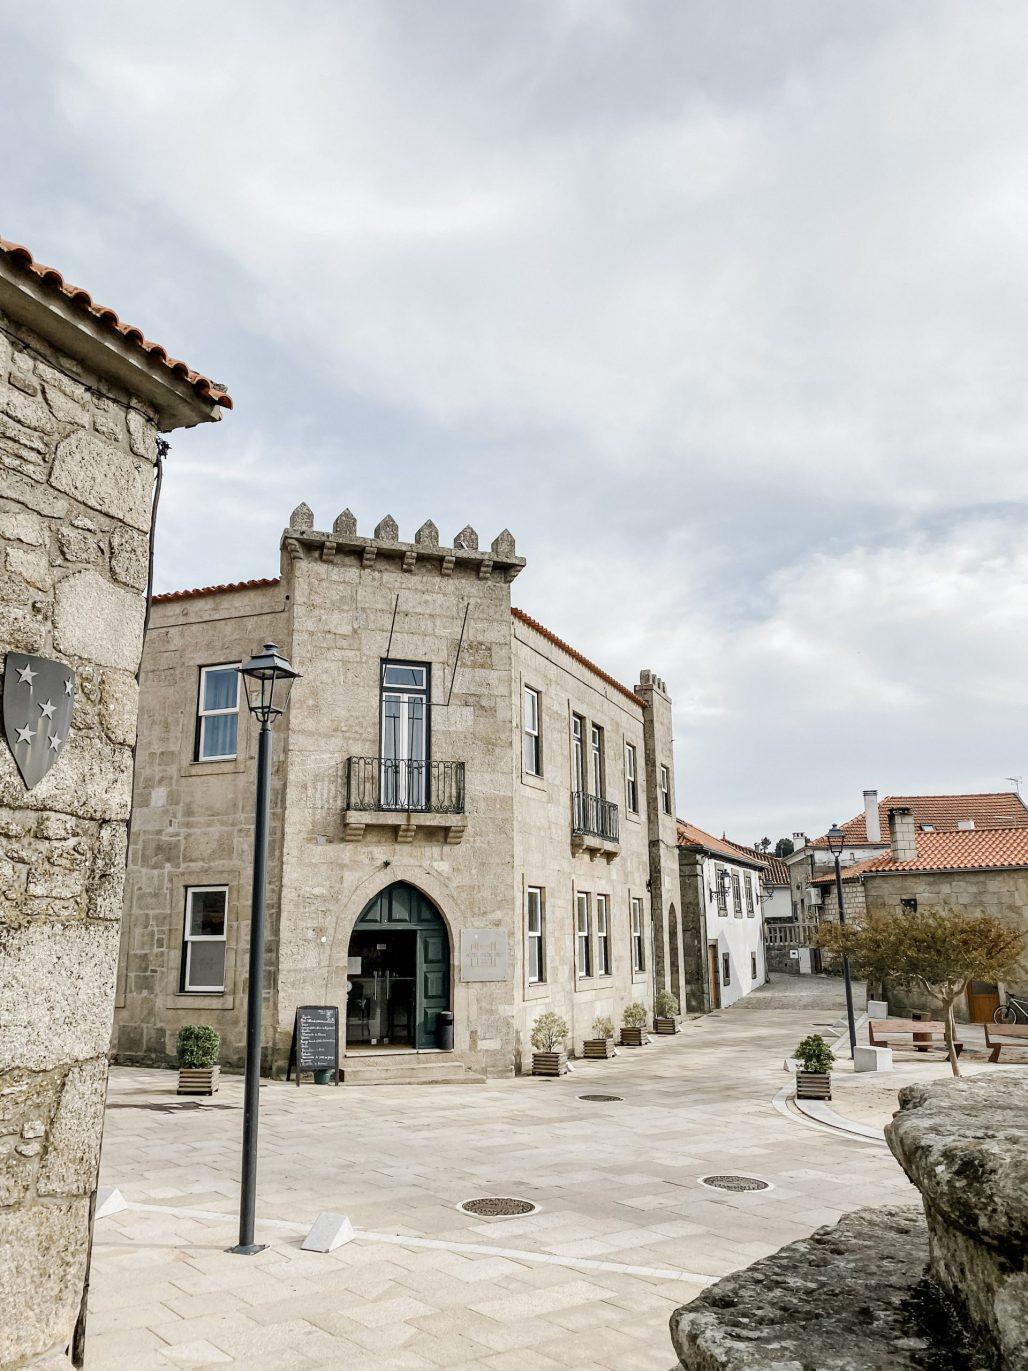 Traveling to ... the Castelo de Penedono & Senhora das Necessidades de Sernancelhe || Dreamery Events